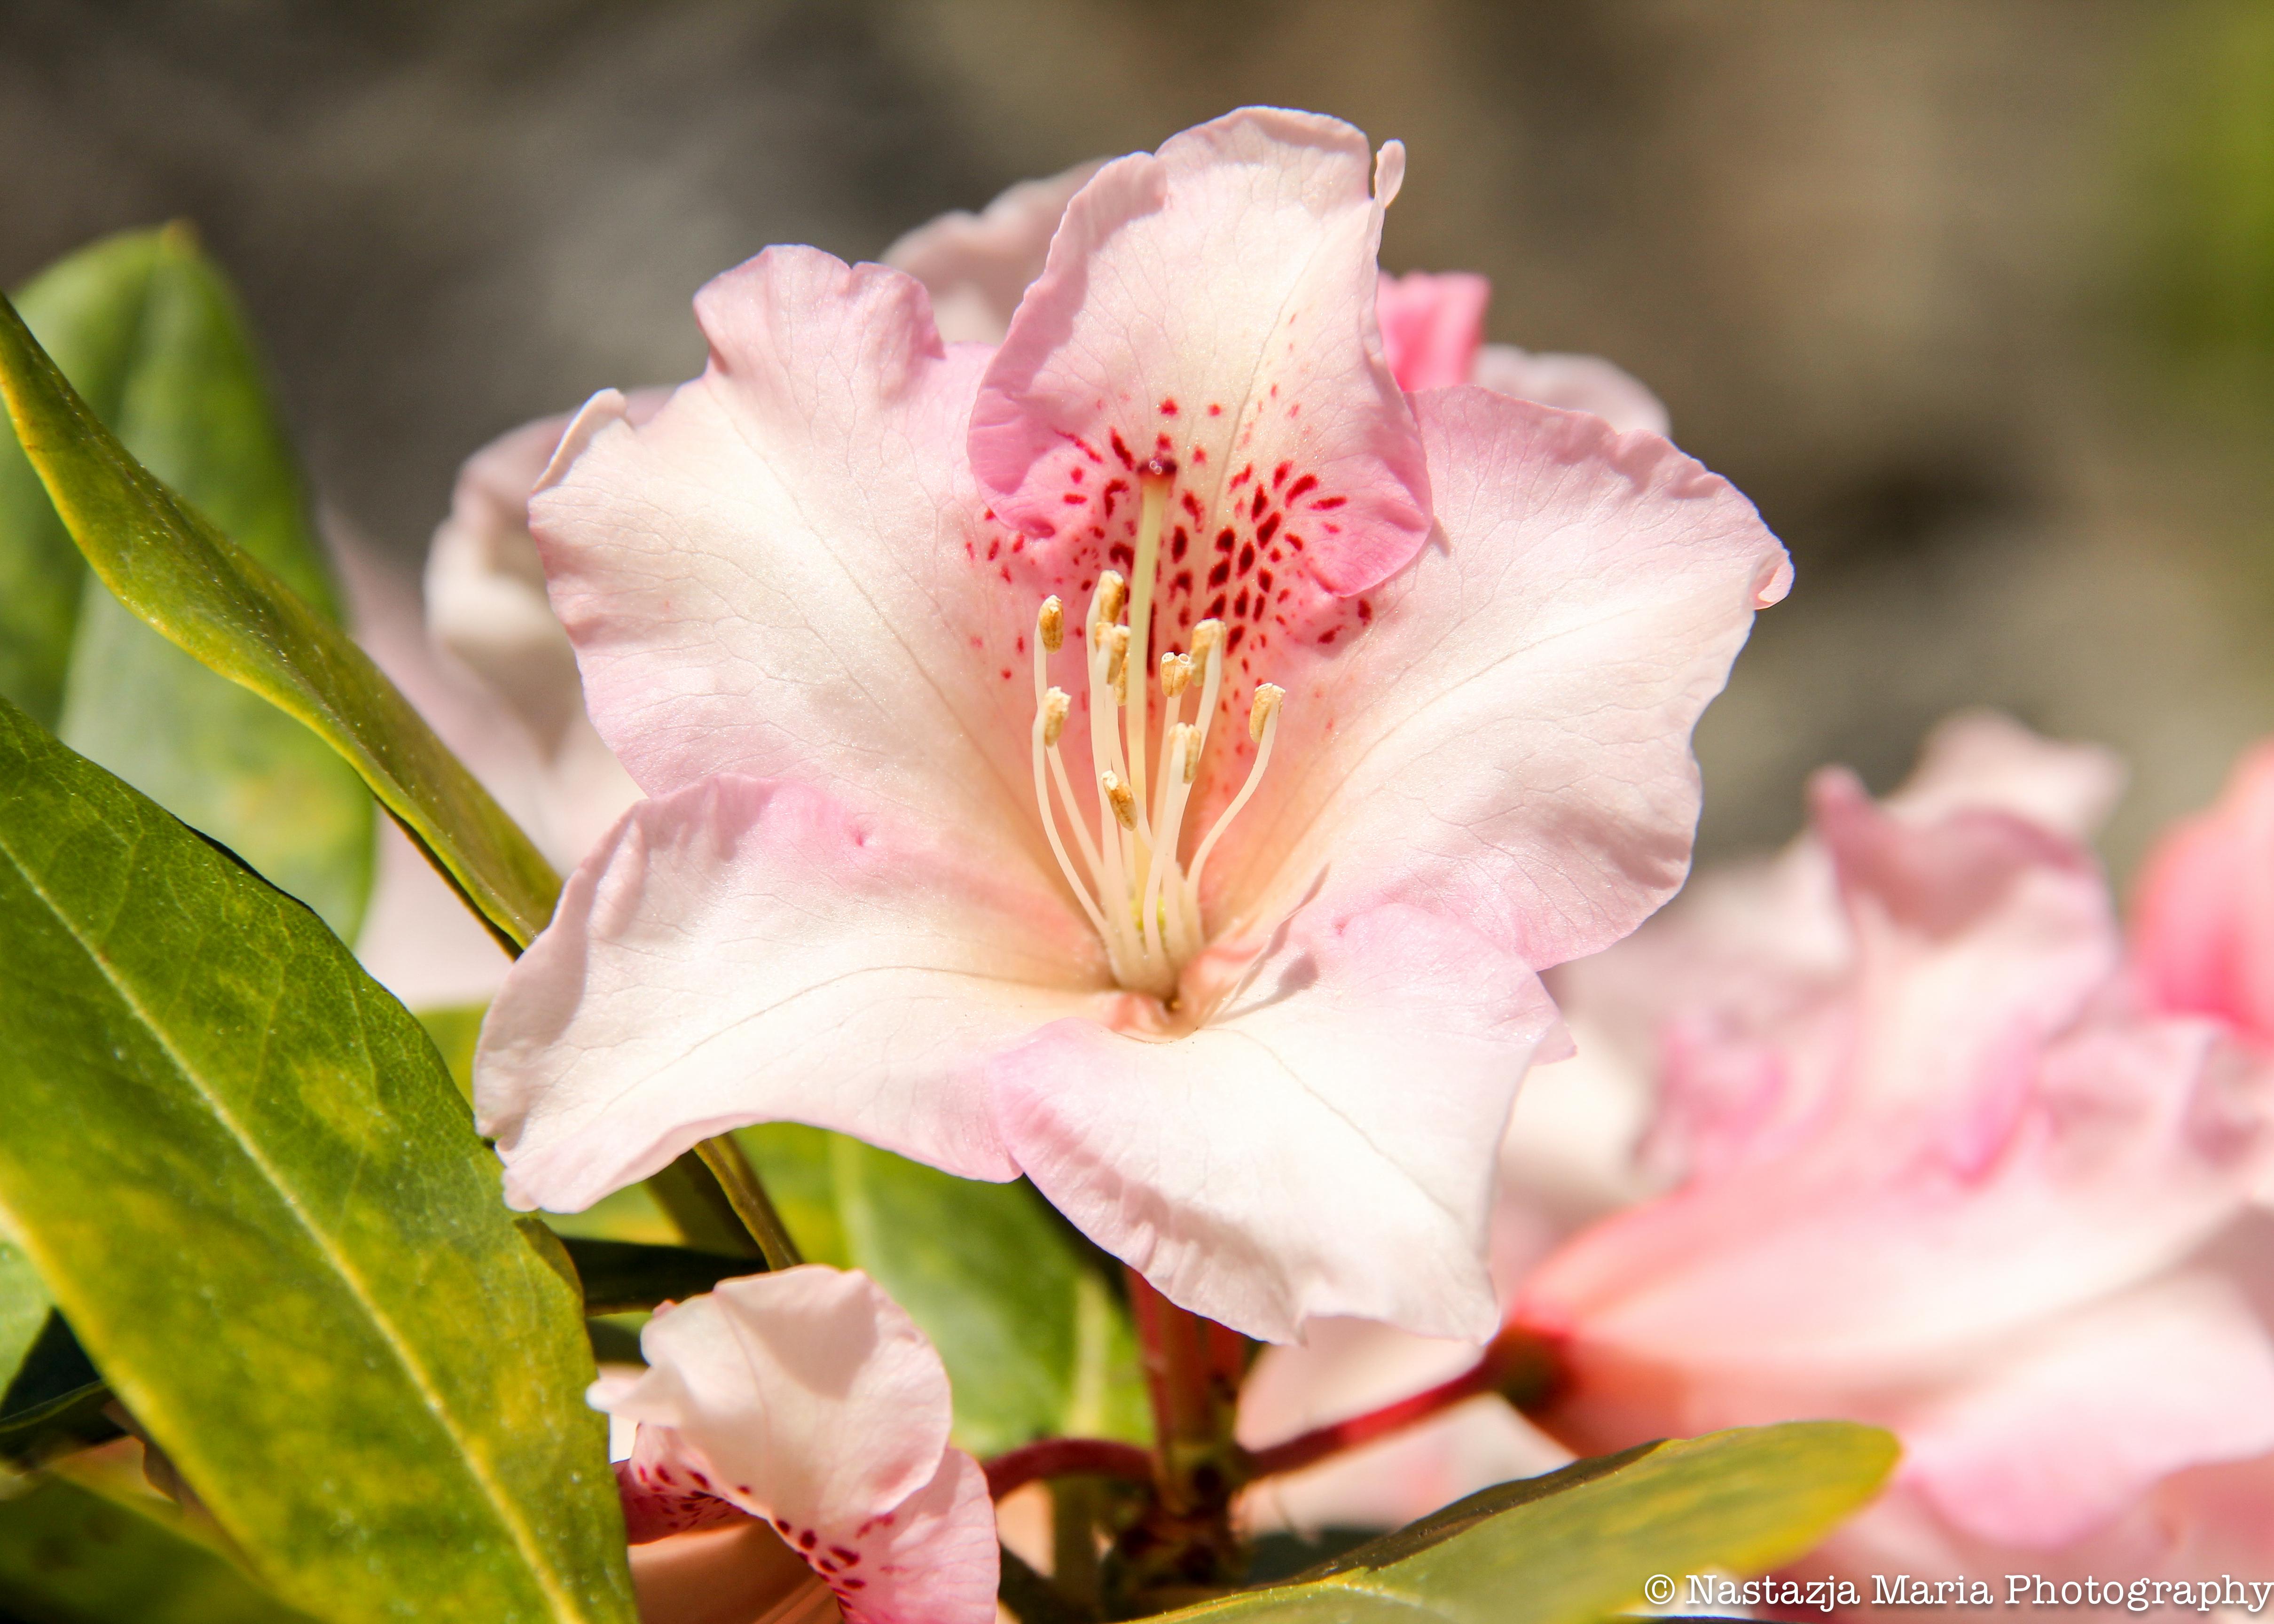 Flower 5 x 7 with watermark.jpg